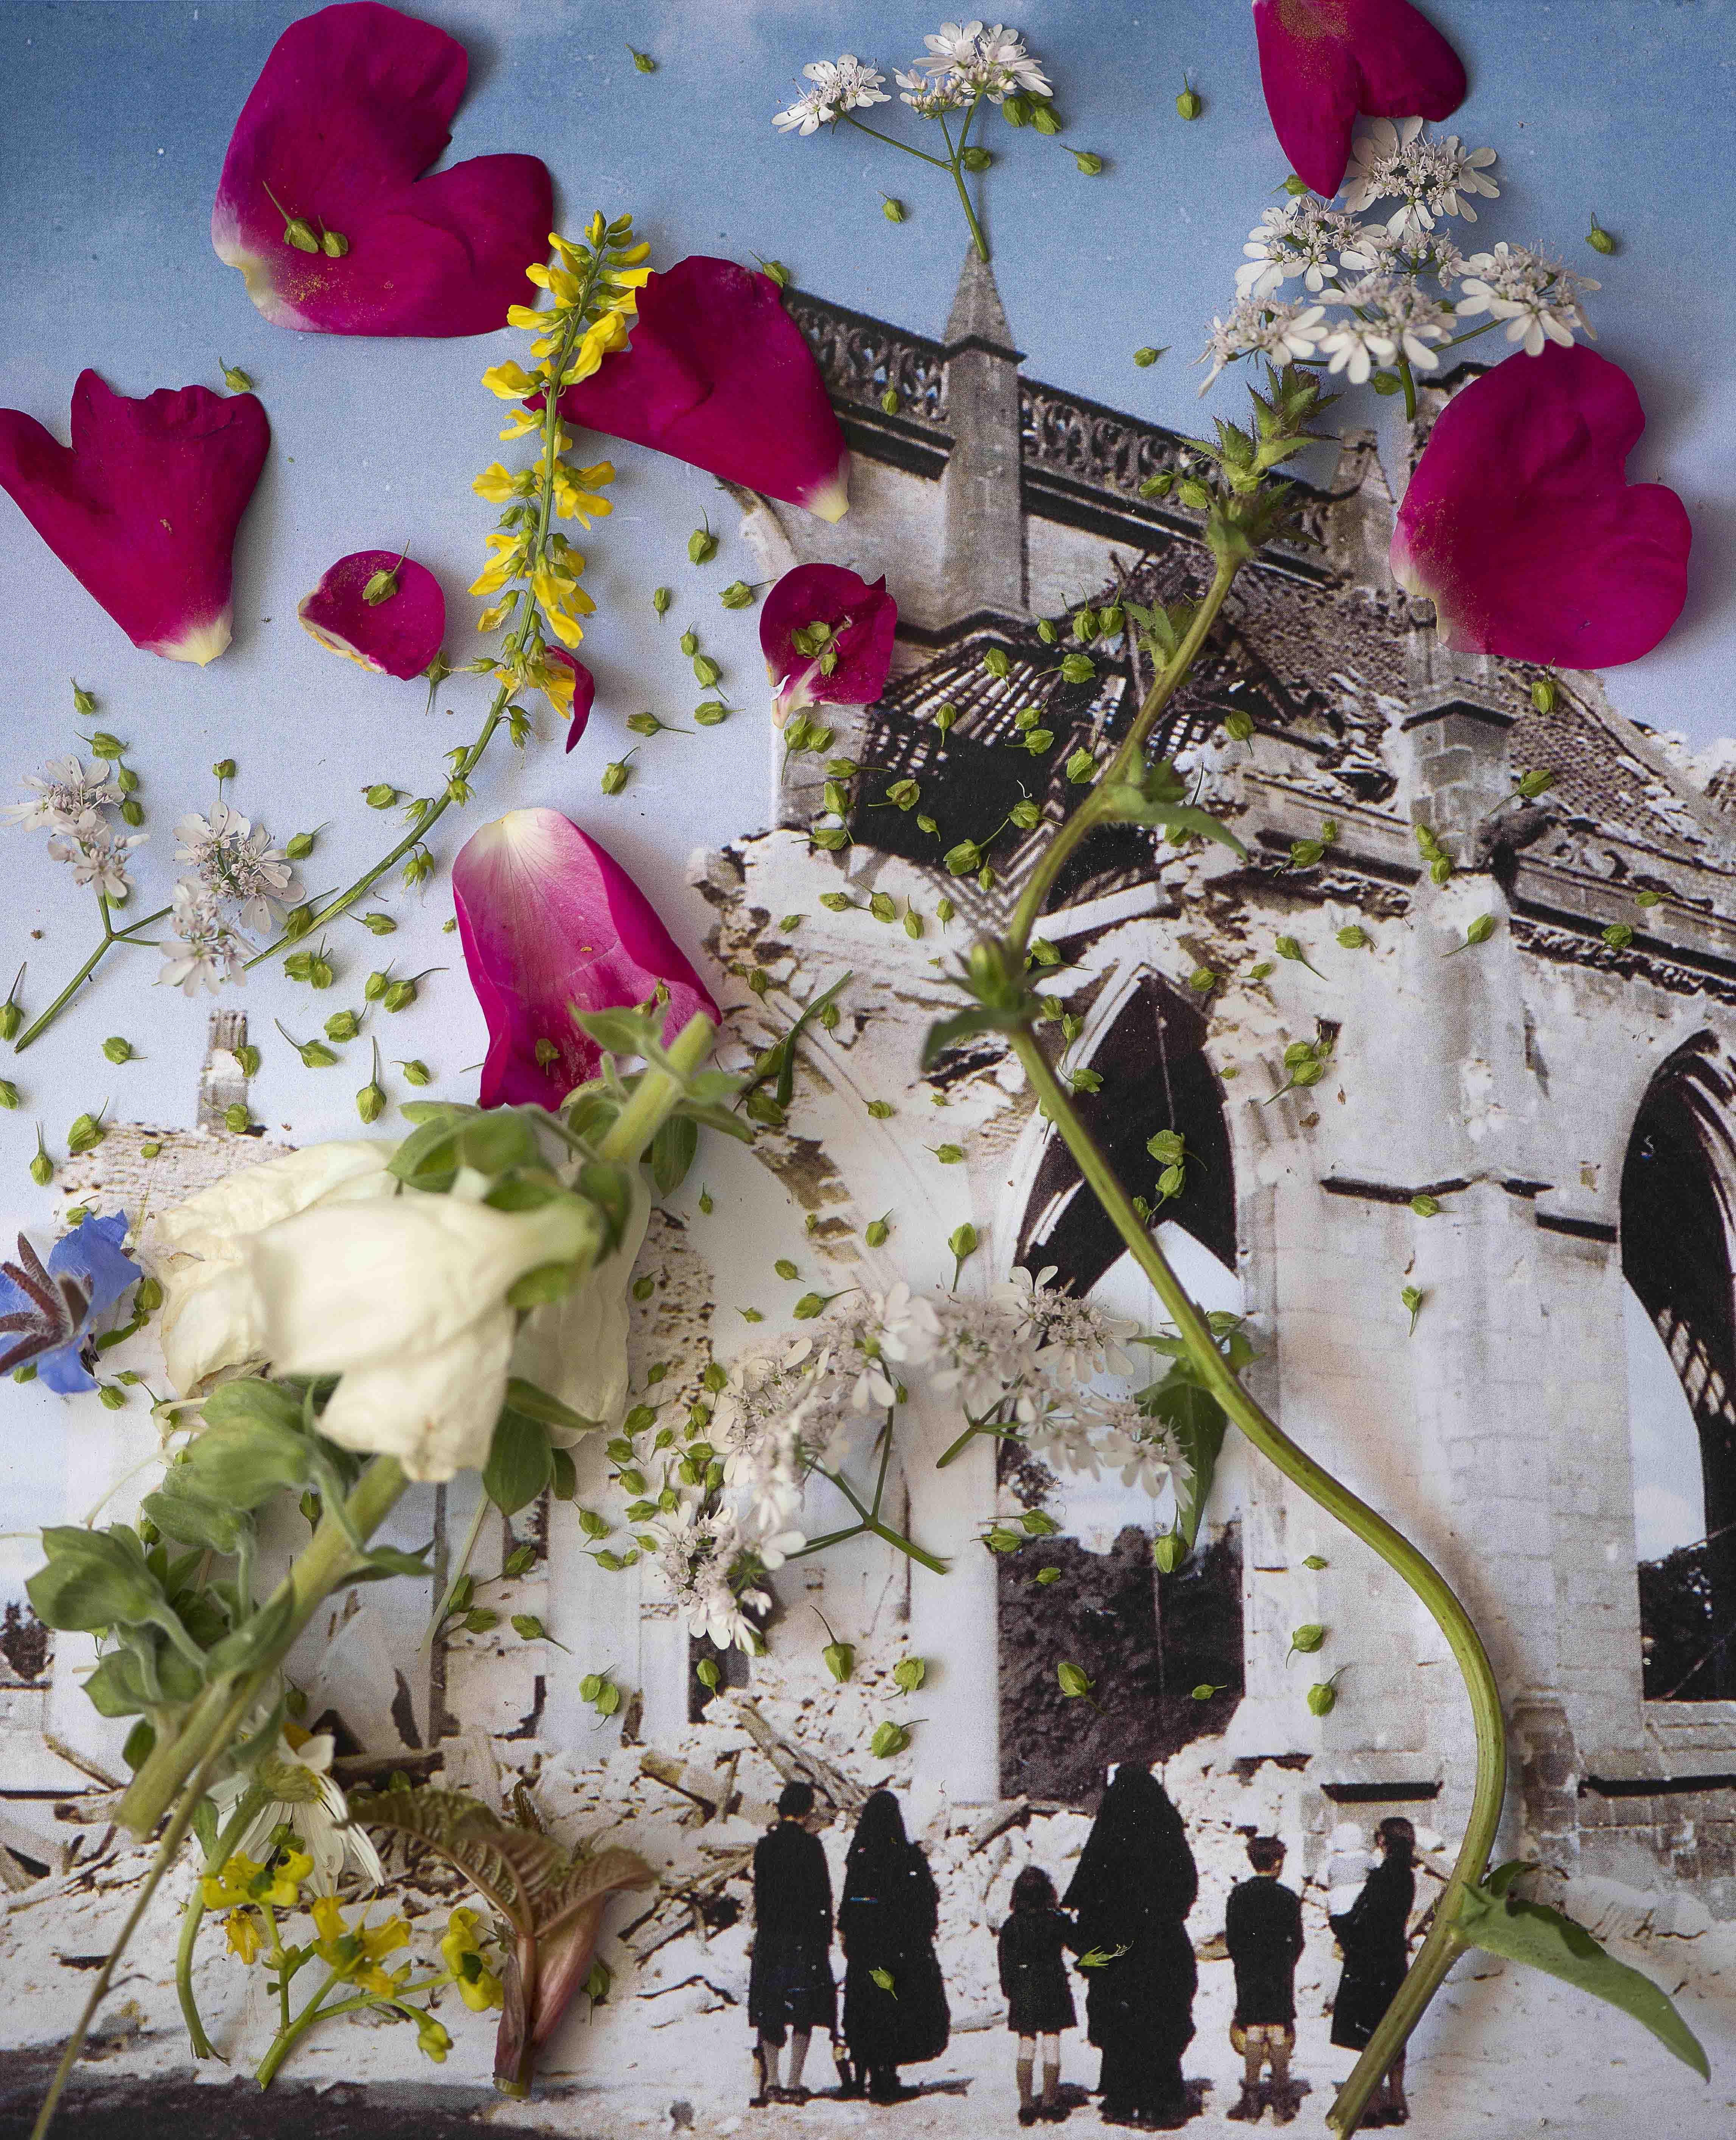 6 - Laurence Aëgerter - Digitalis ambigua - Healing Plants for Hurt Landscapes - BD